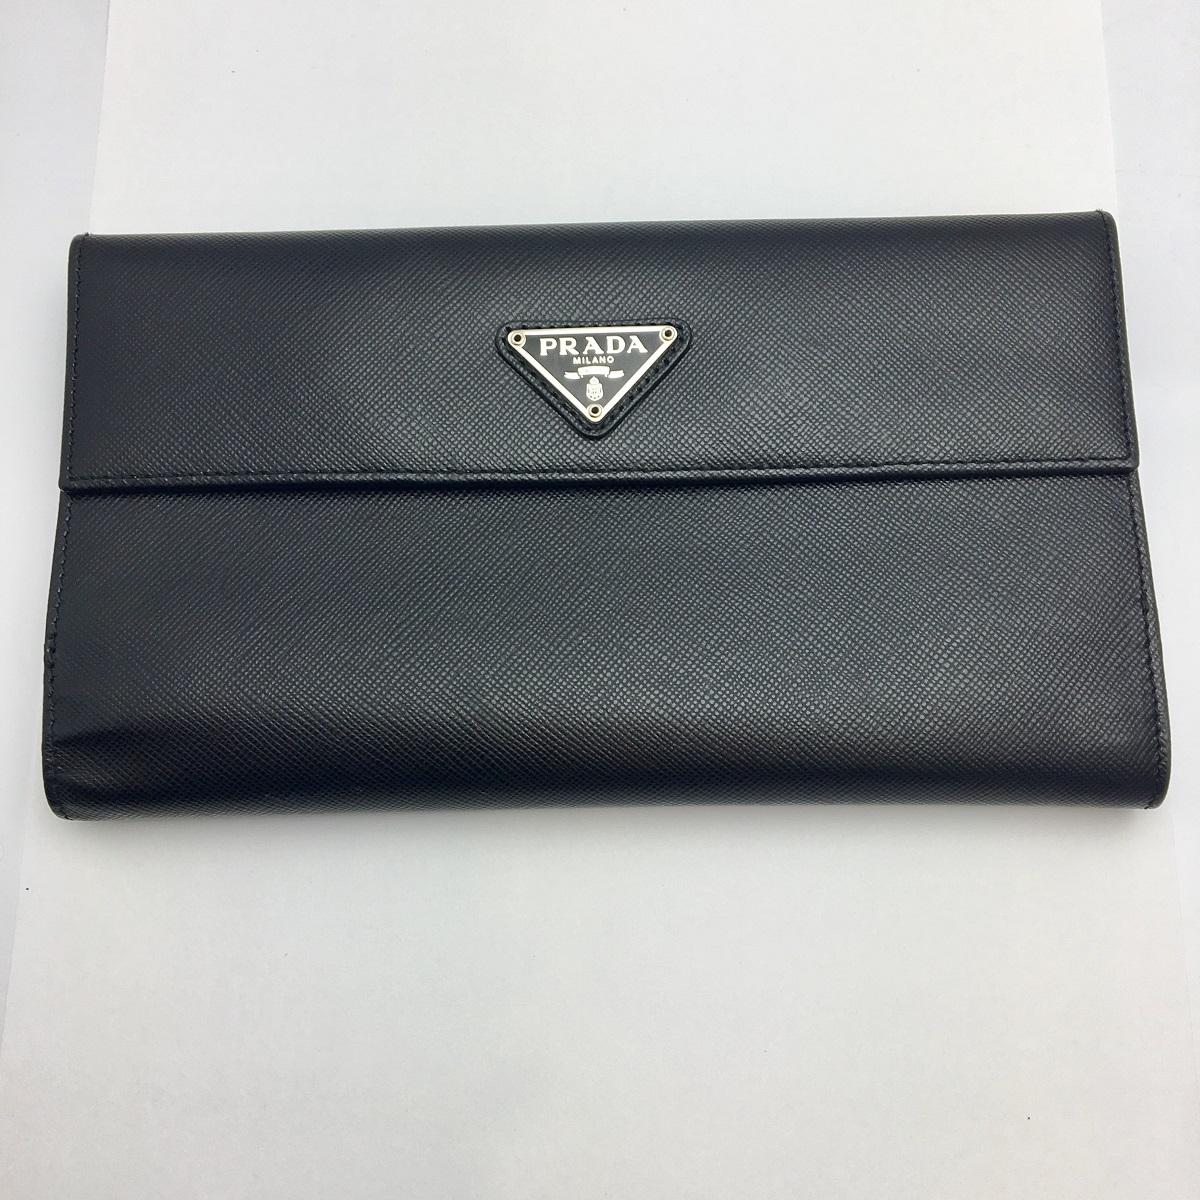 プラダ PRADA 長財布 二つ折り カード入れ ブラック レザー 【トレジャースポット】【中古】